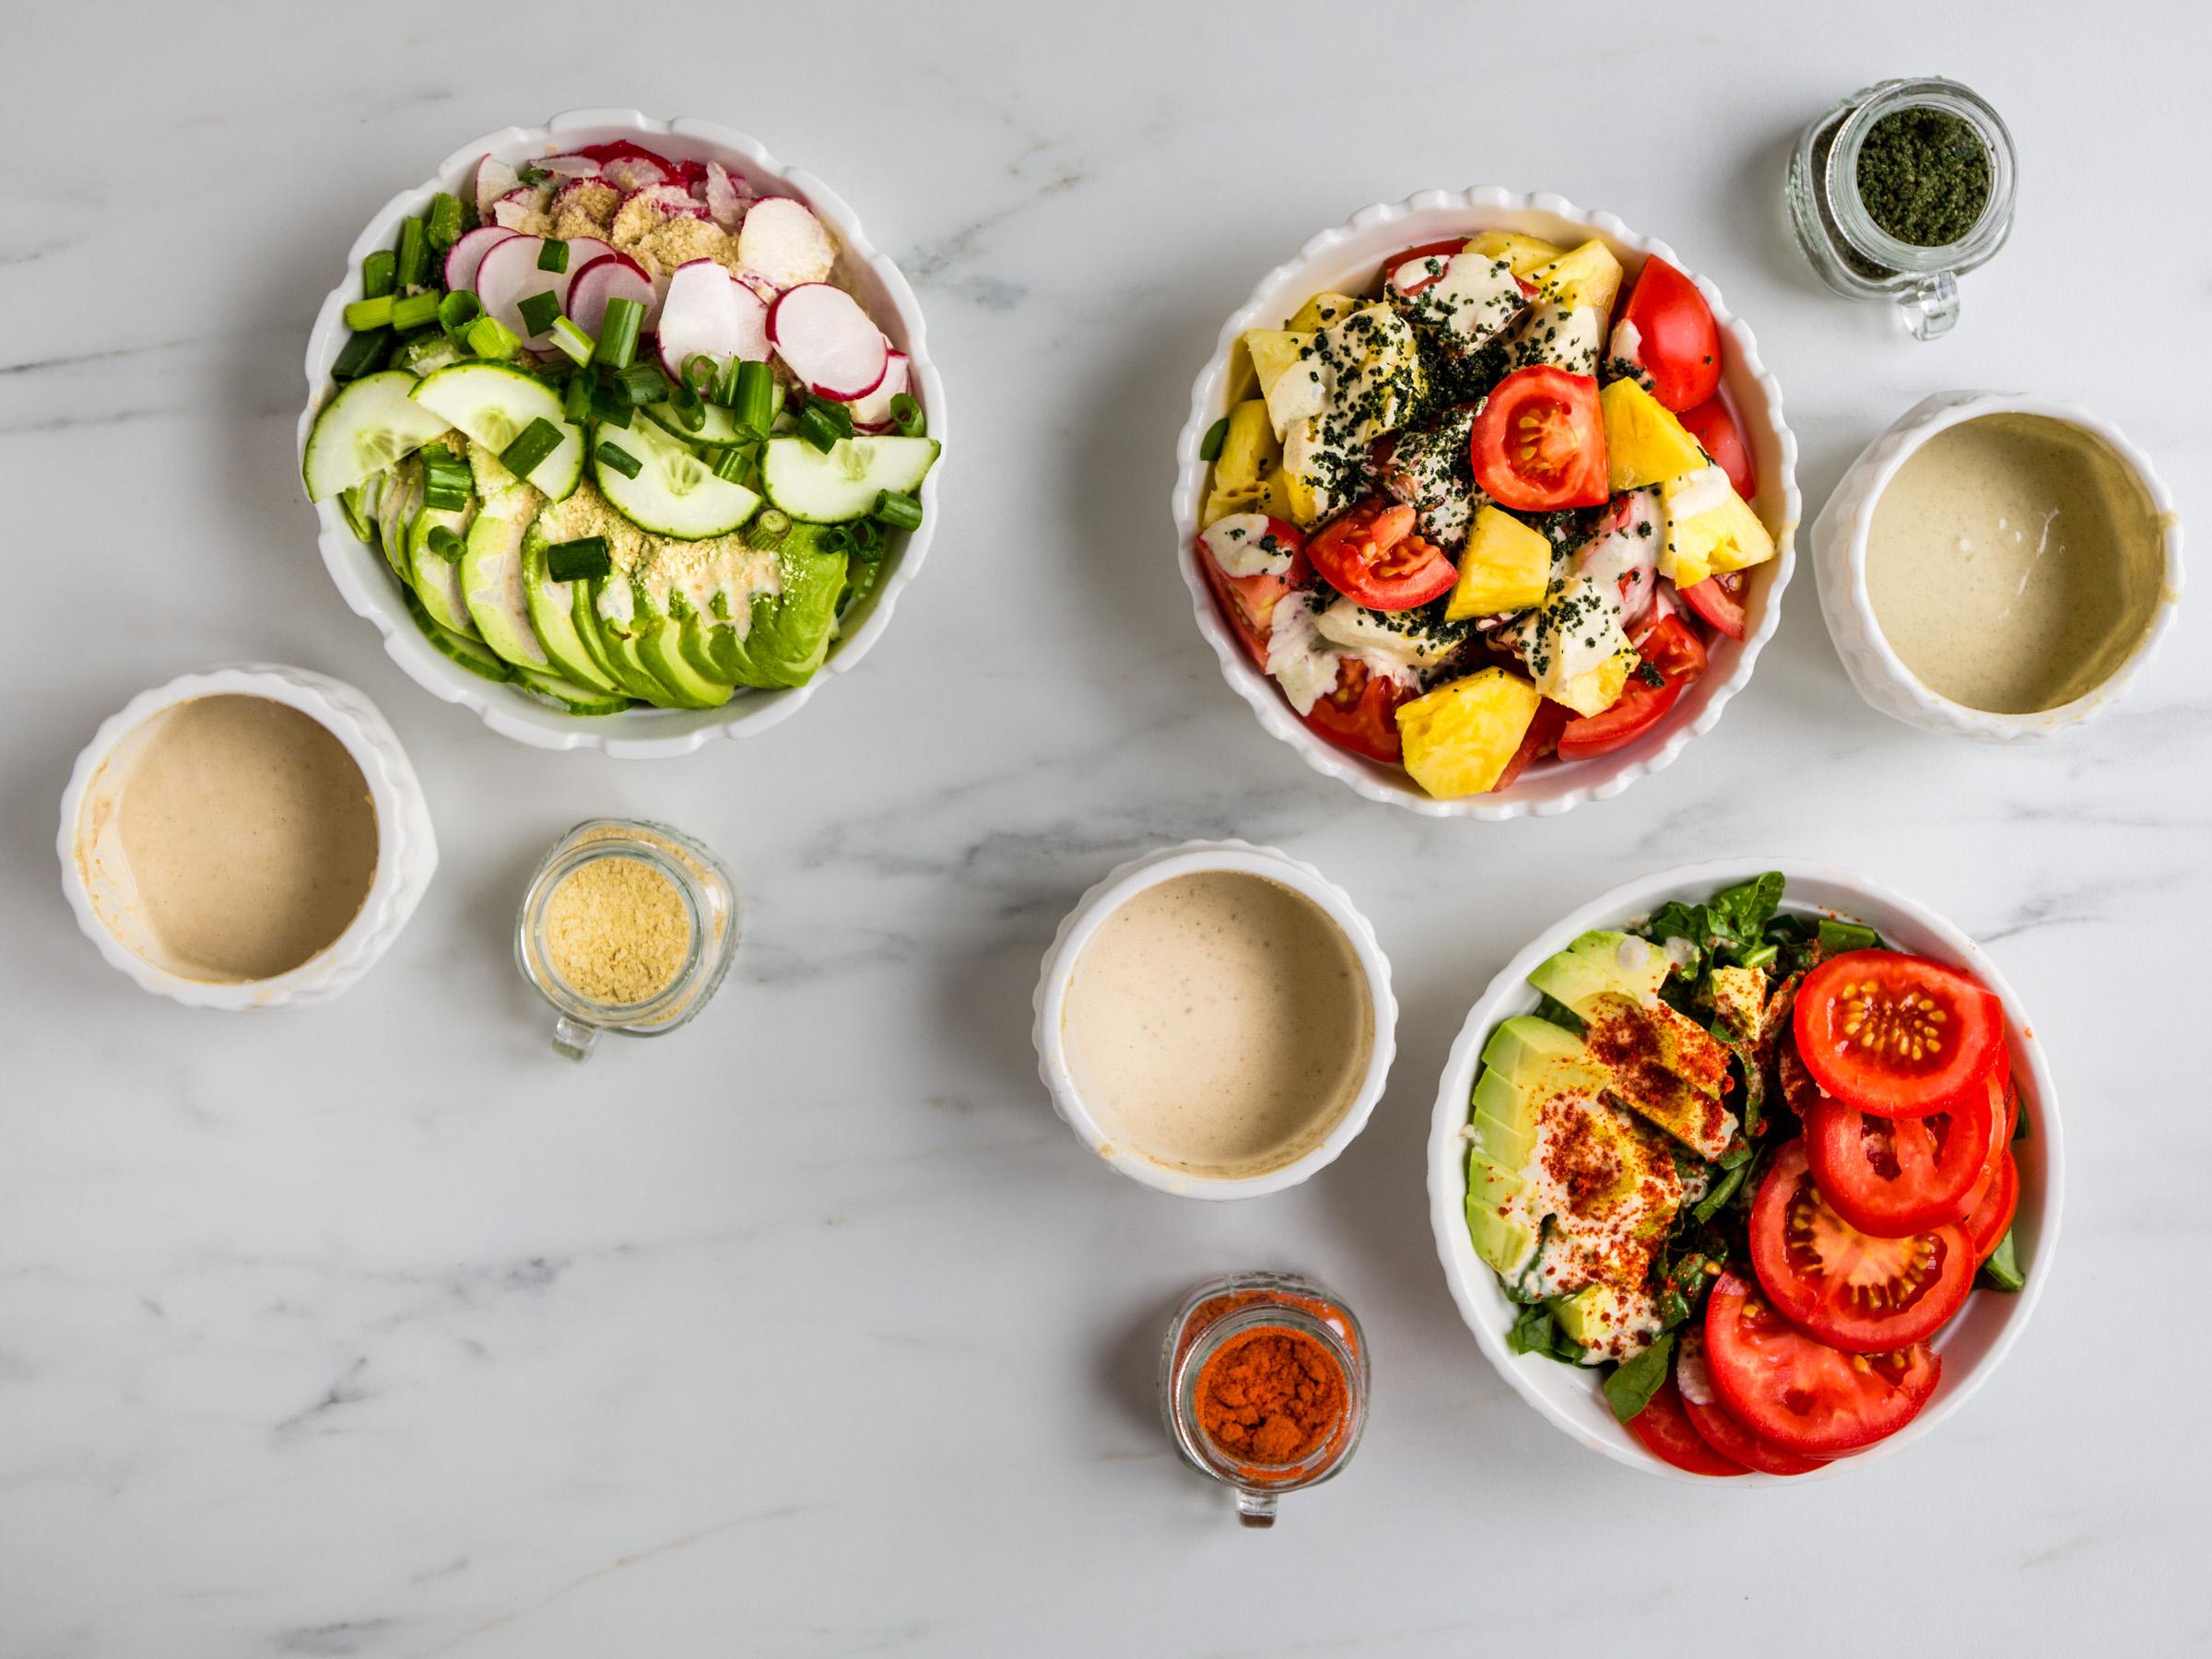 3 салата и веганские соусы из кешью